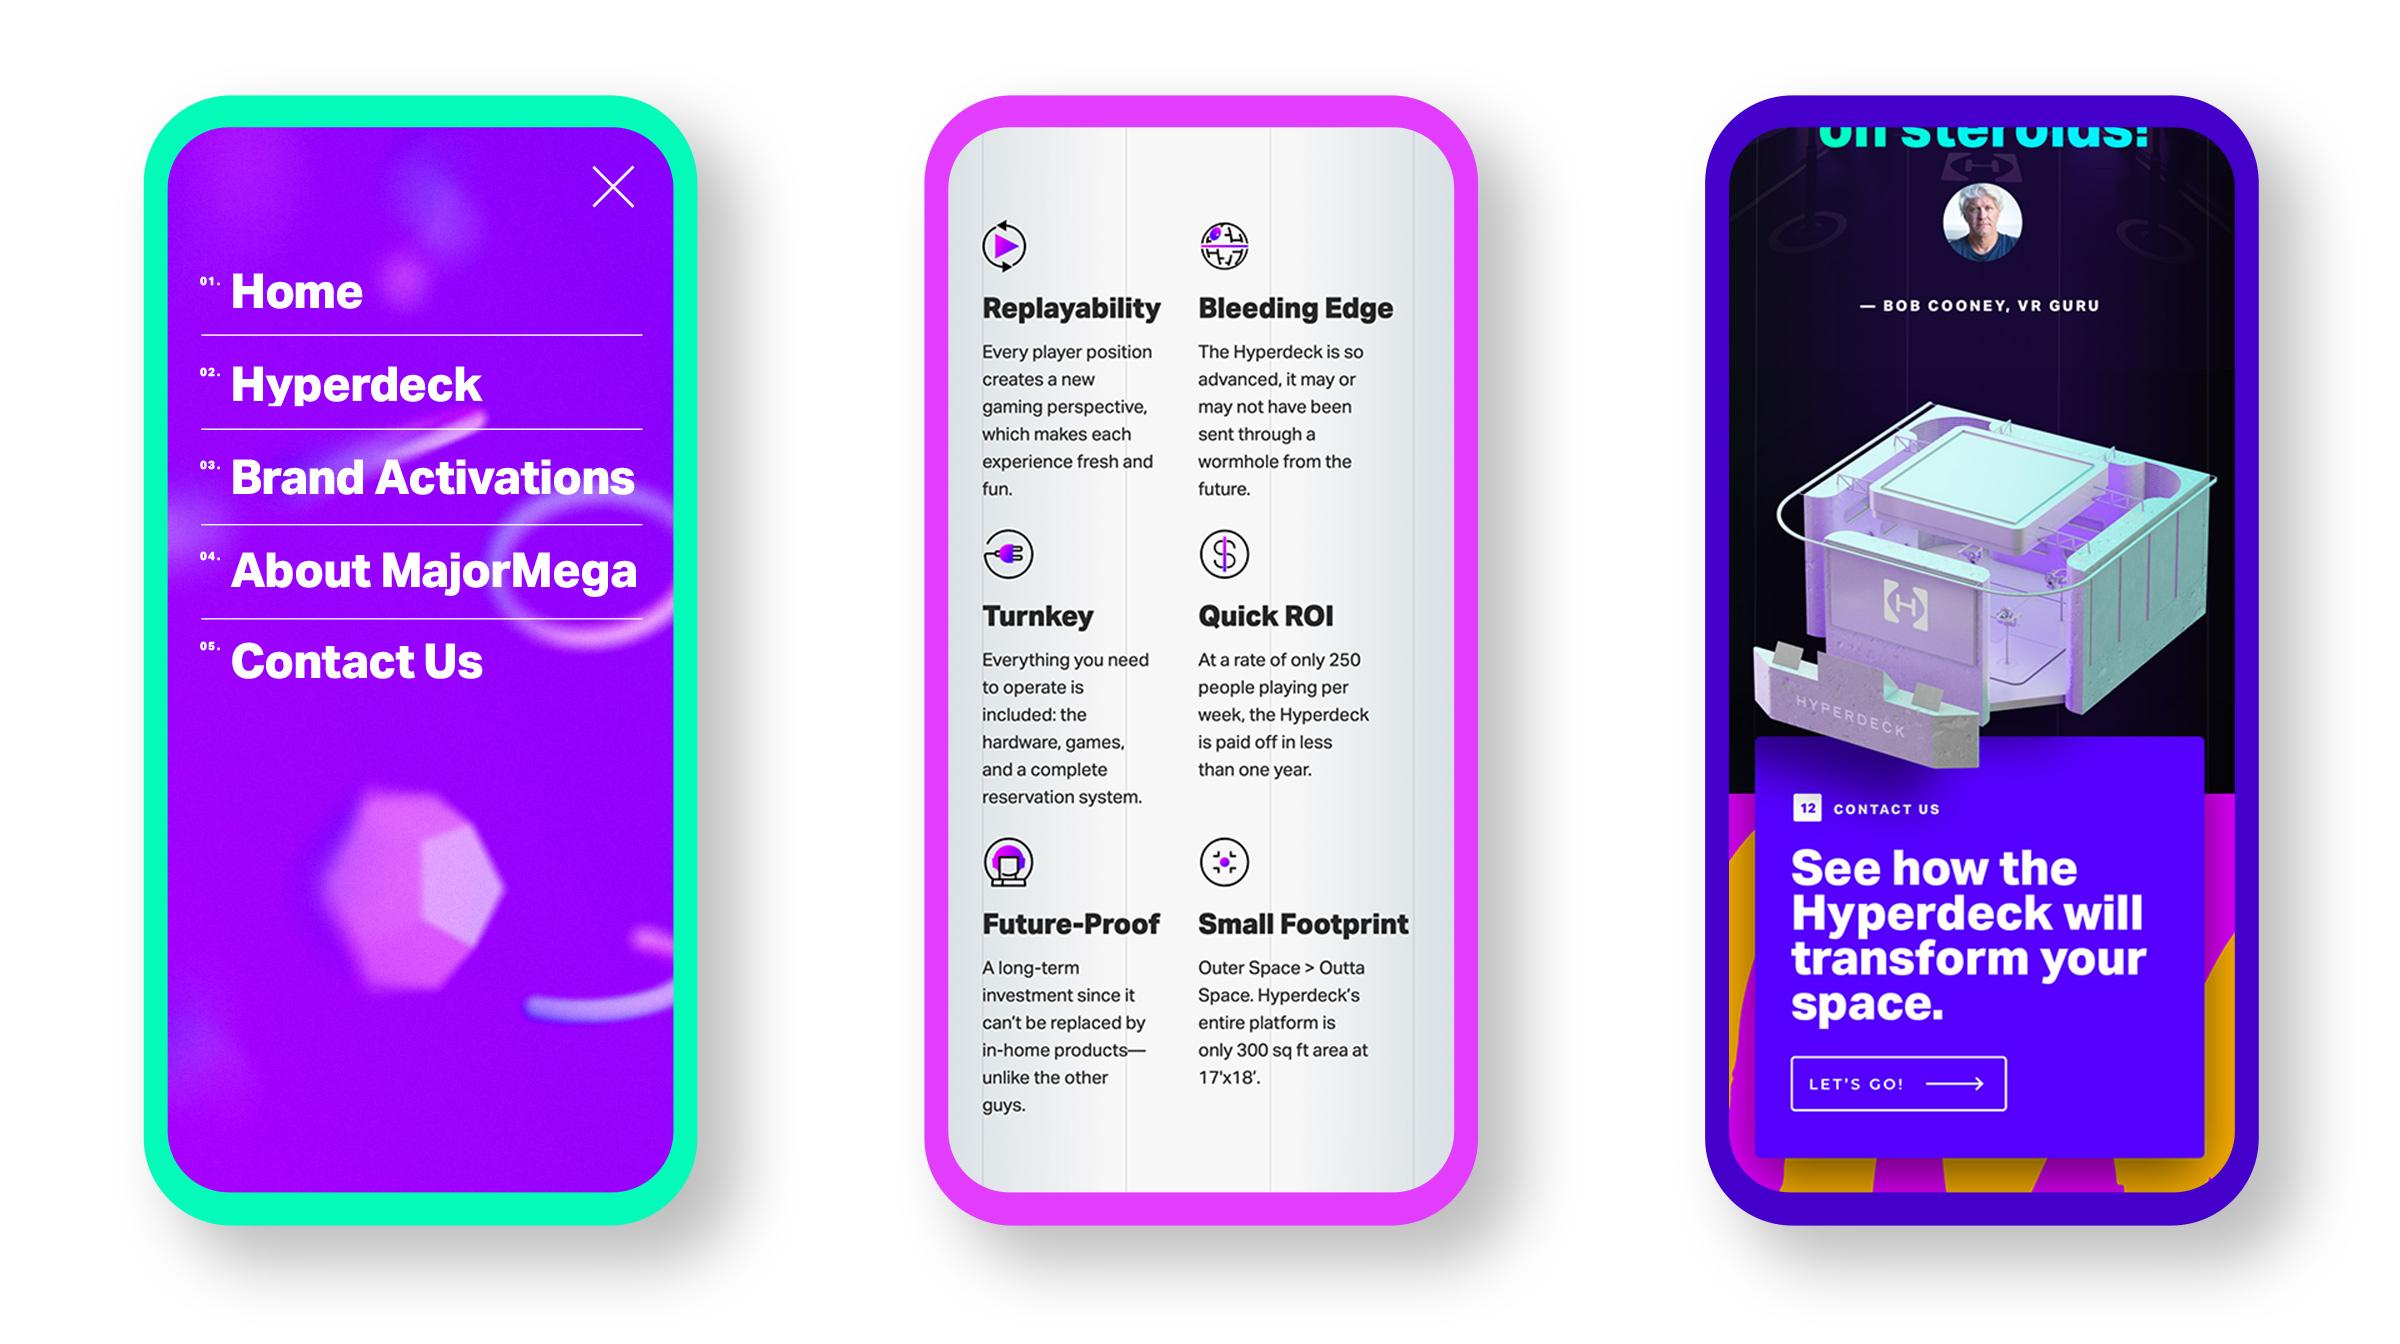 MajorMega website mocked up on 3 mobile devices